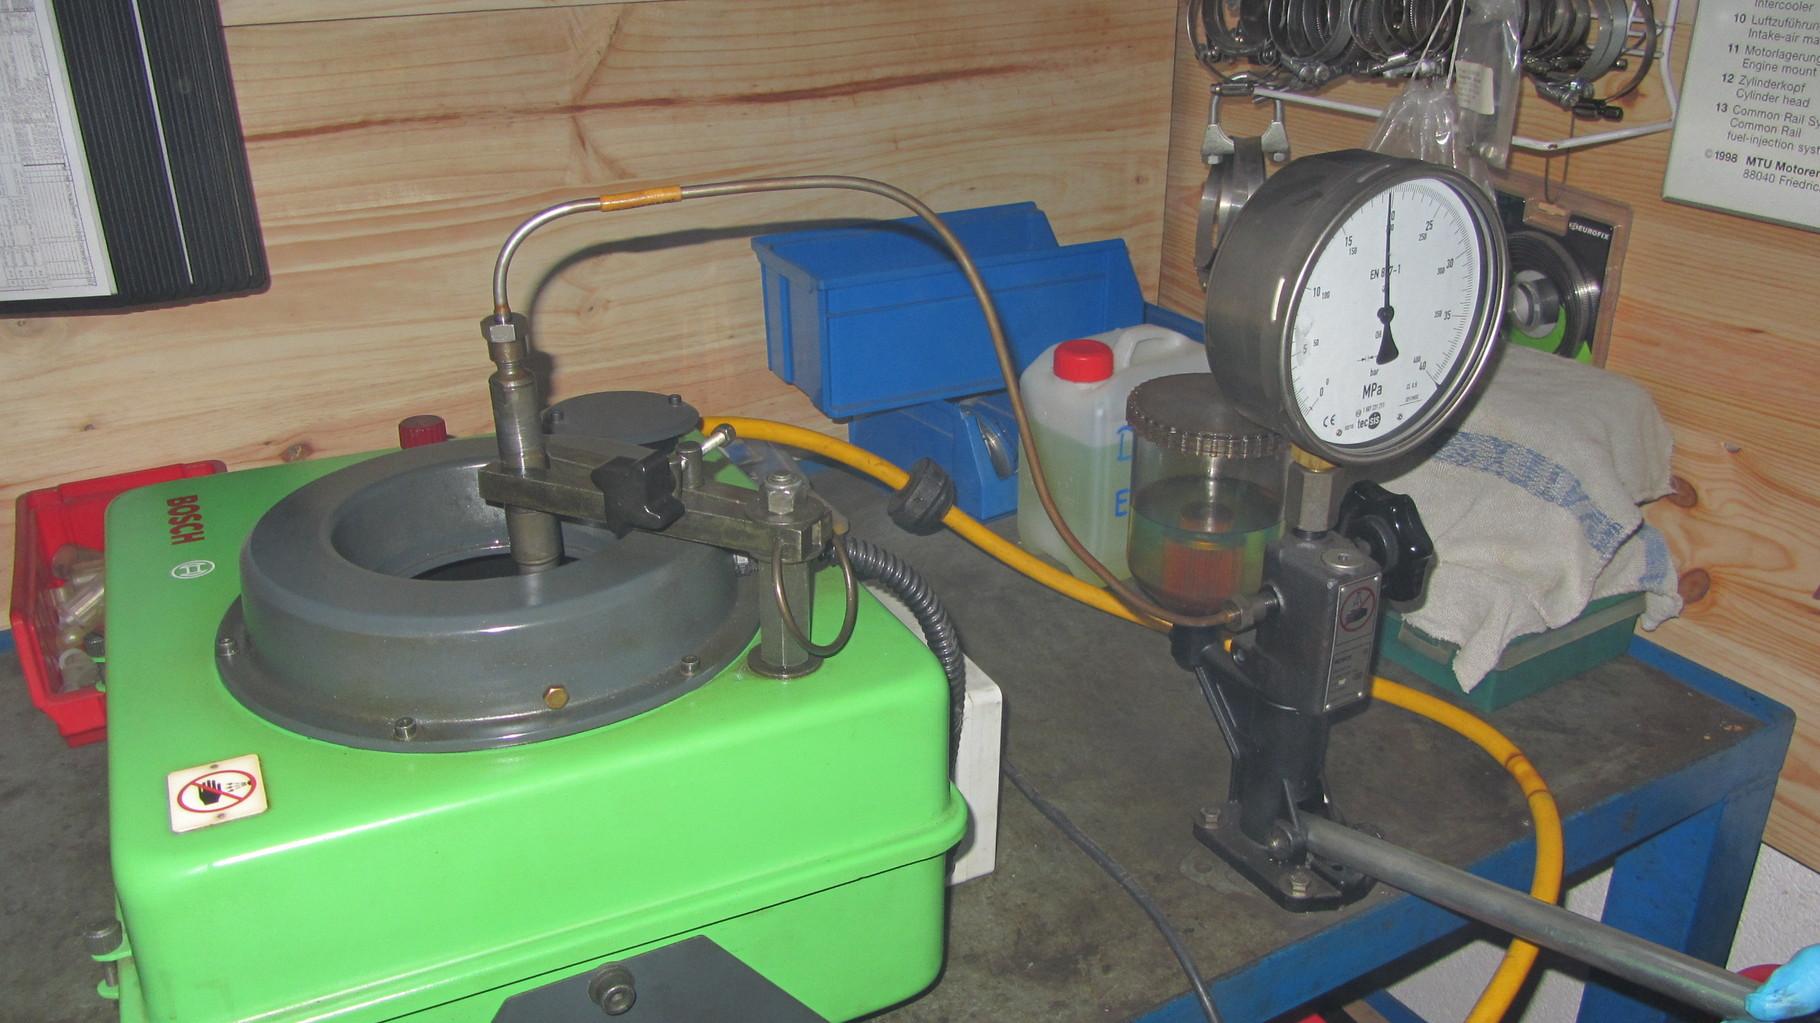 Overhaul of fuel-injectors